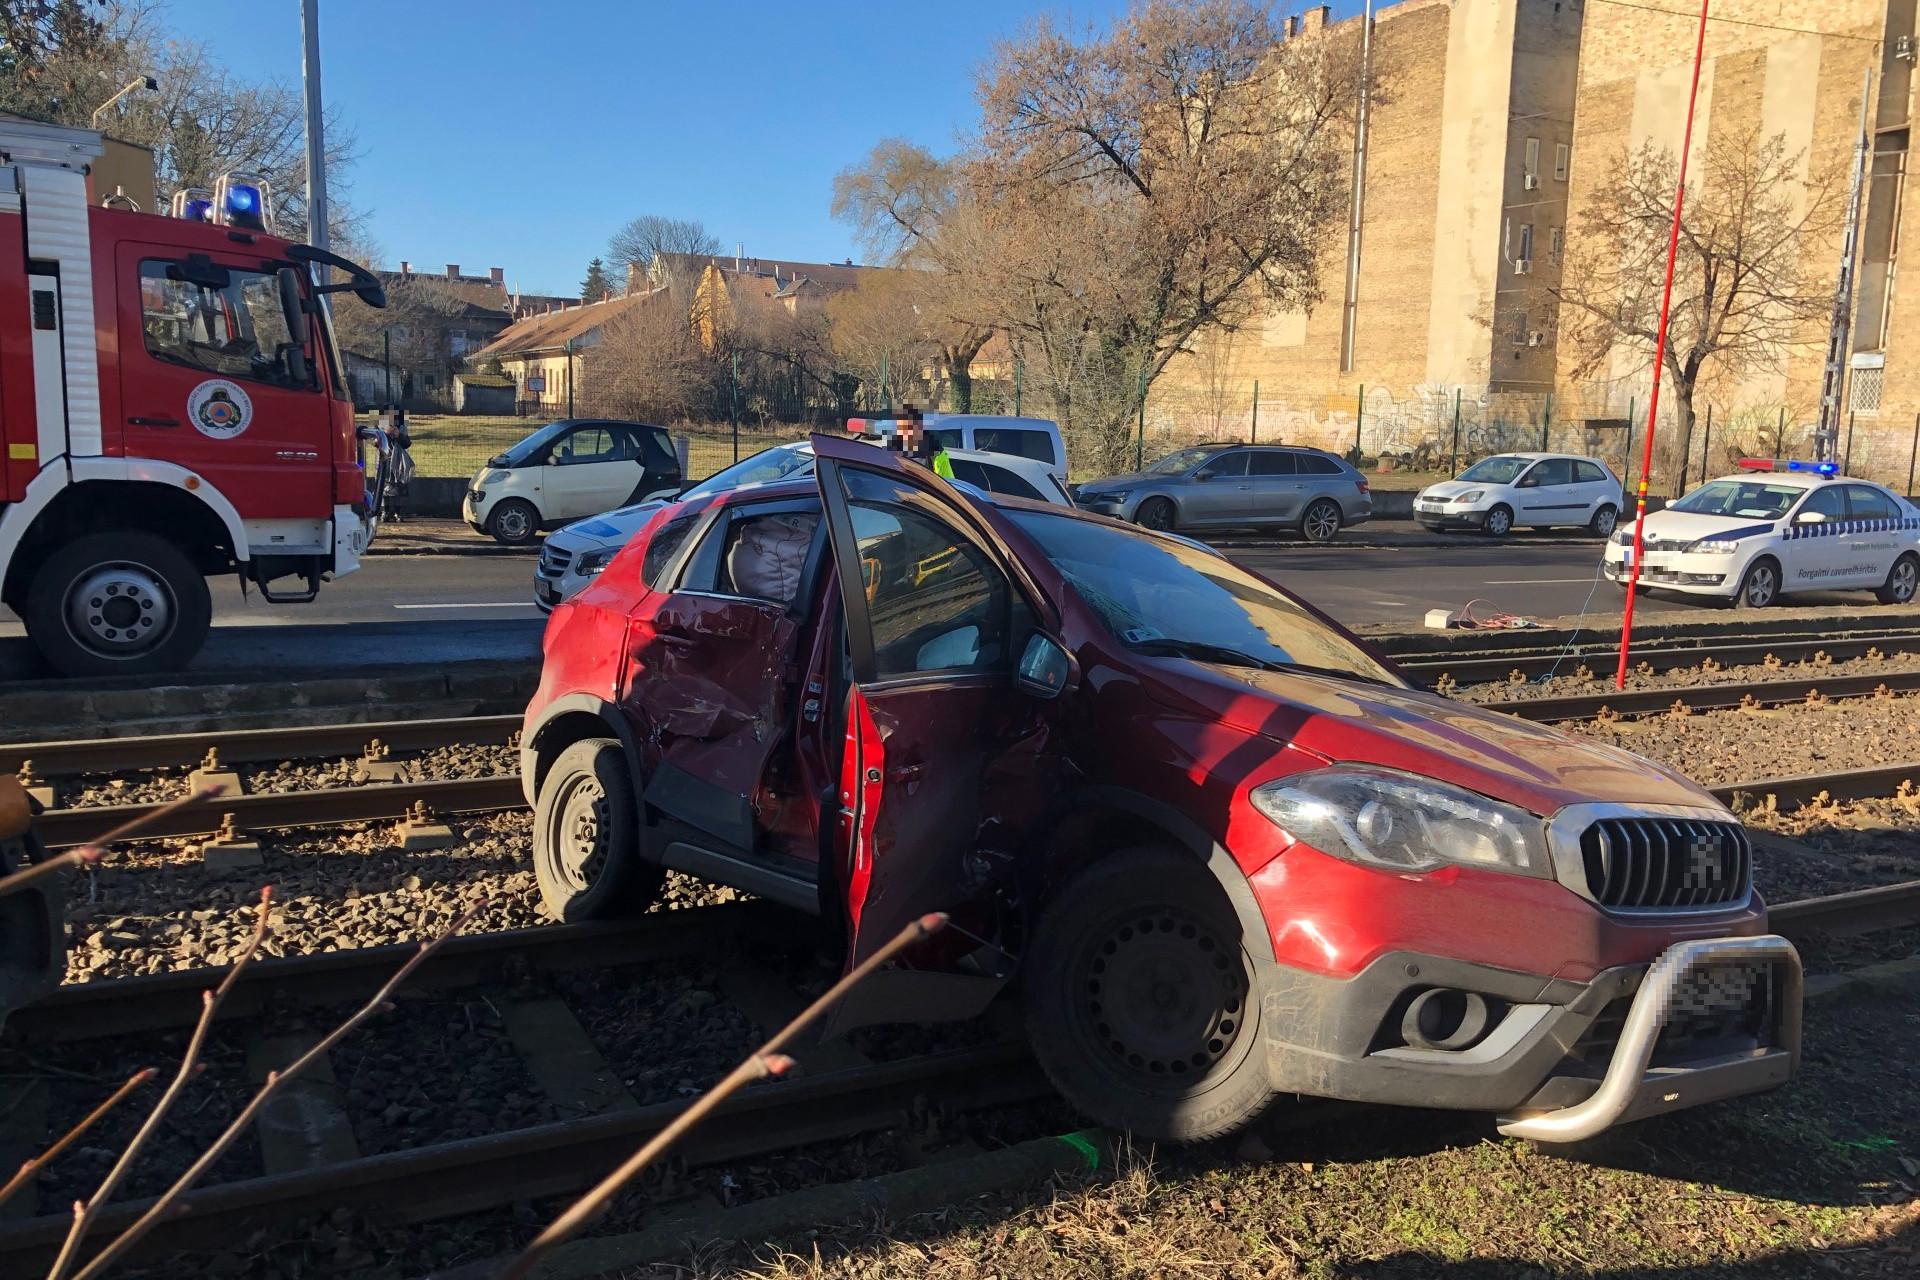 Az autóban jelentős kár keletkezett, személyi sérülésekről nem tudni